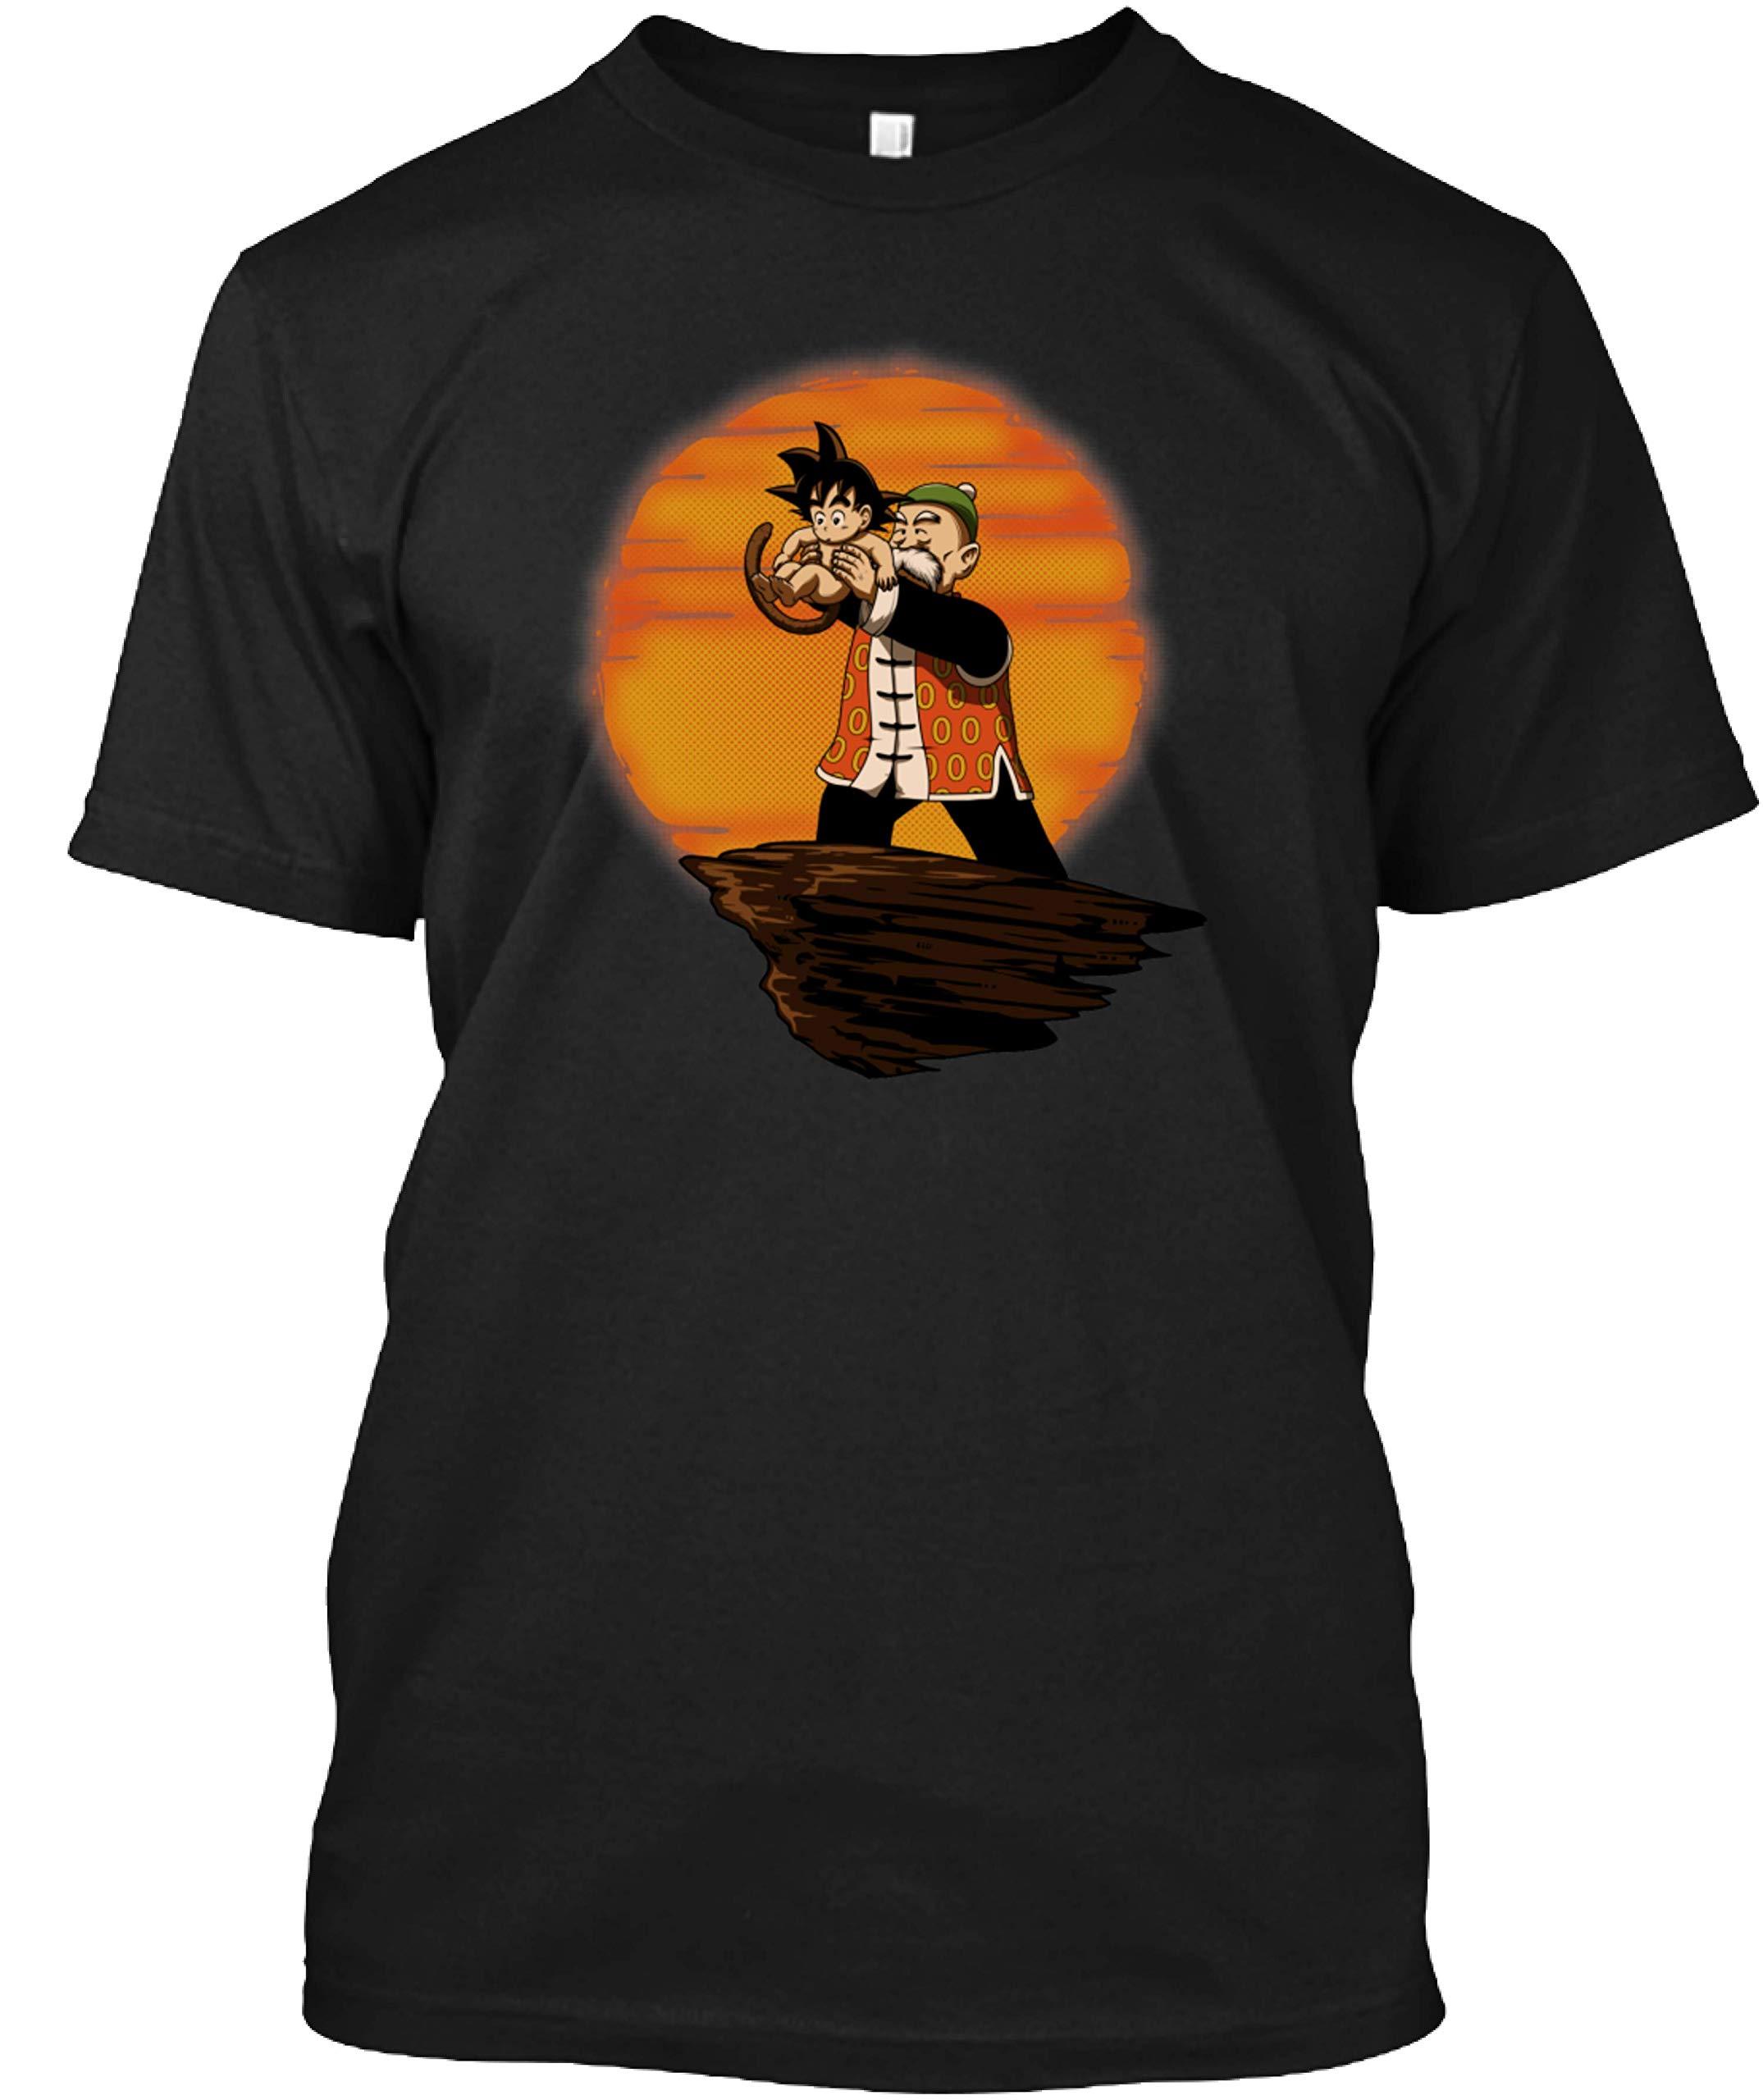 The King Tshirt S Woman Funny Novelty Tshirt Black